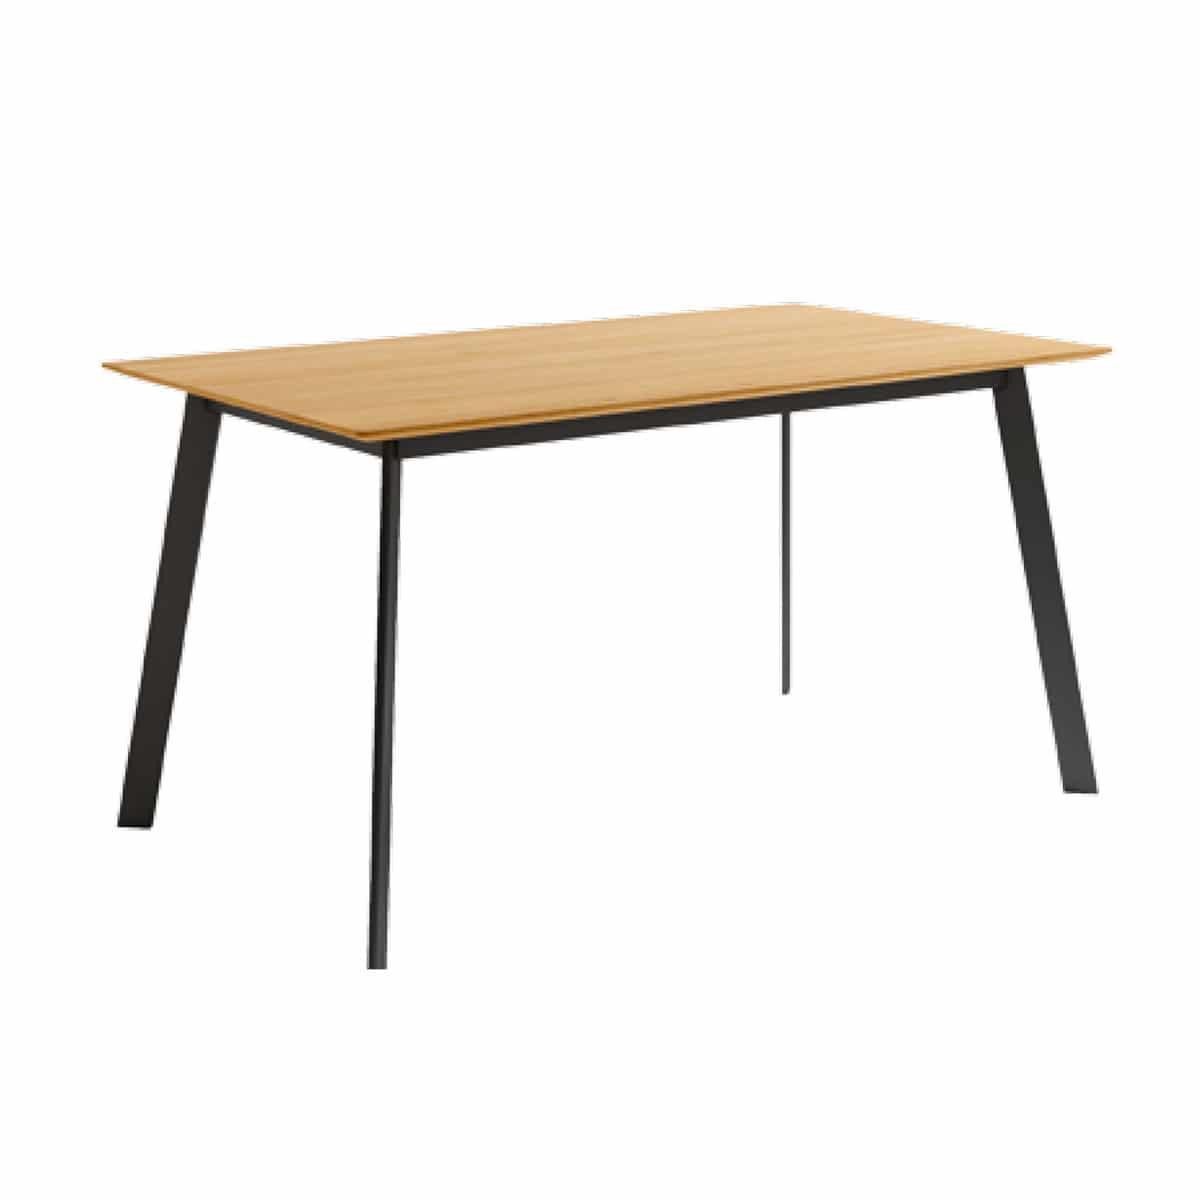 Mesa comedor color roble - Artikalia - Muebles de diseño